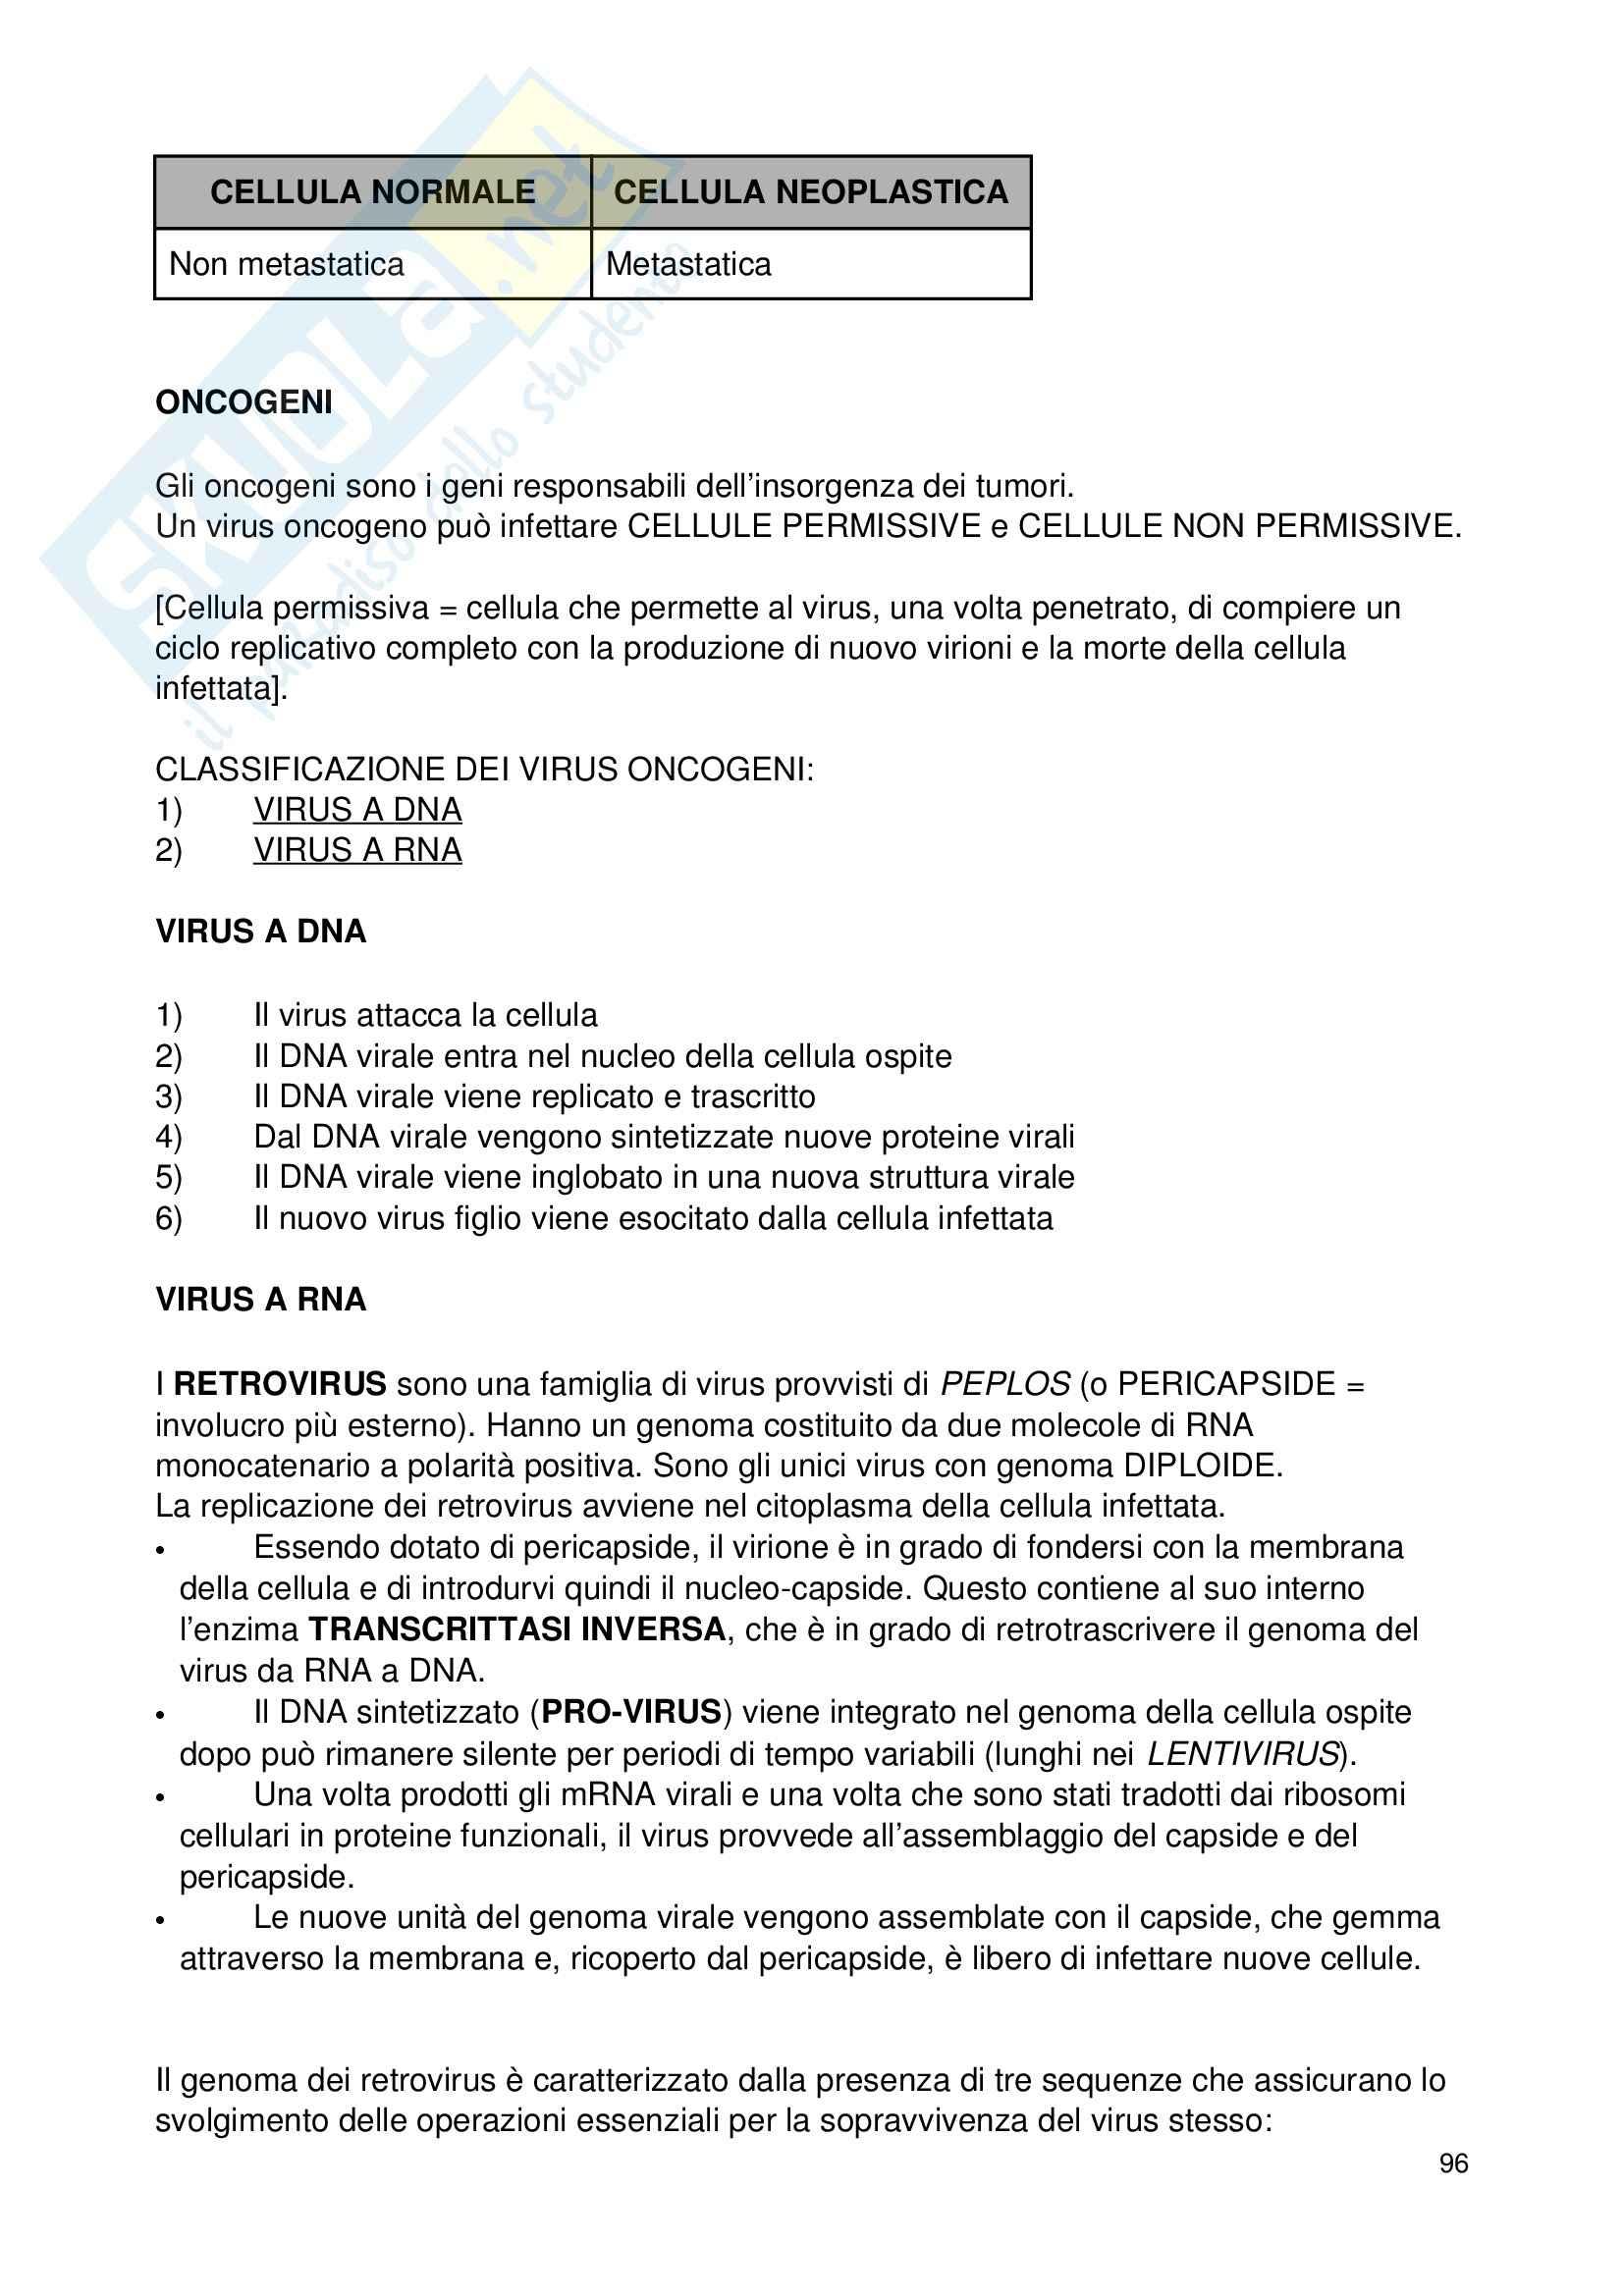 Biologia applicata - Appunti Pag. 96